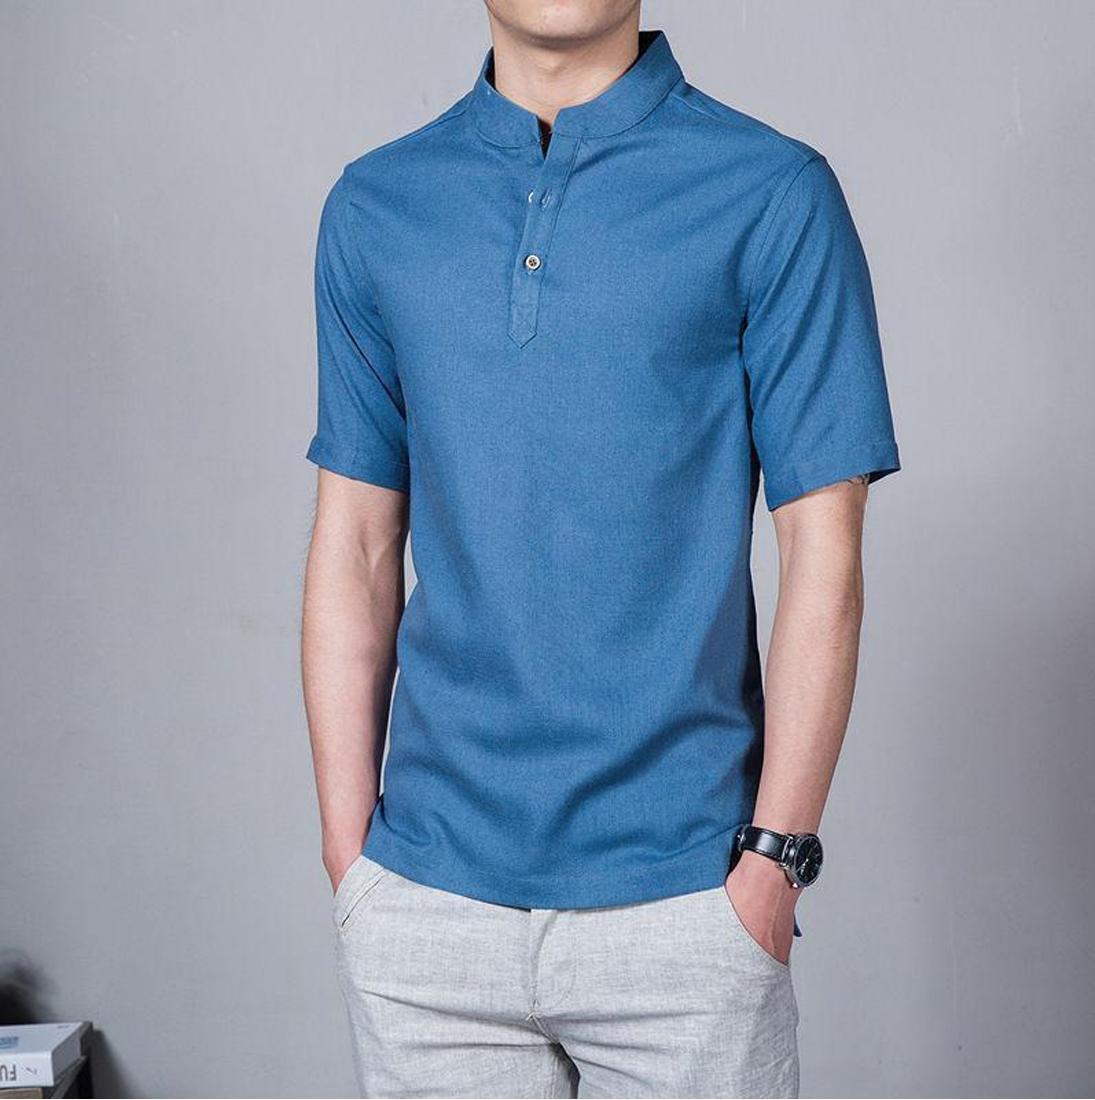 koko Lazuardi bermerek Tangan Pendek Warna Biru Distro Bandung Fashion Pria Keren Terbaru Nyaman di Pakai Simple Eleghan Tersedia 8 warna DISKON